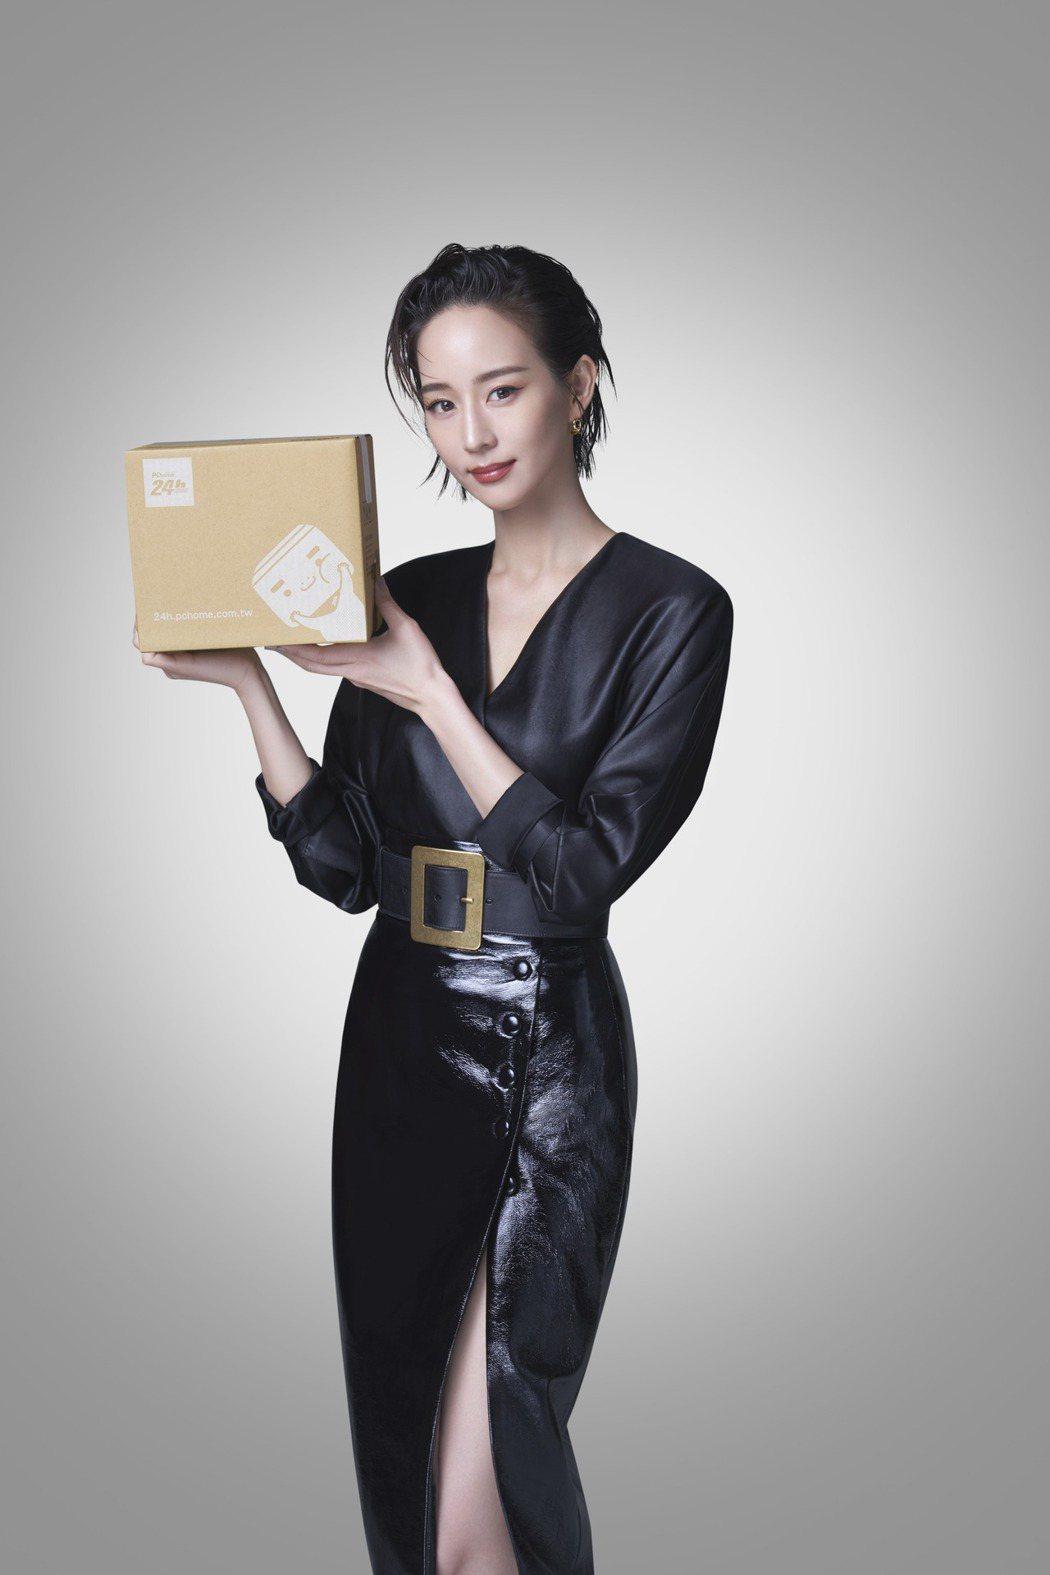 張鈞甯主演「清單速配中」熱播。圖/PChome線上購物提供